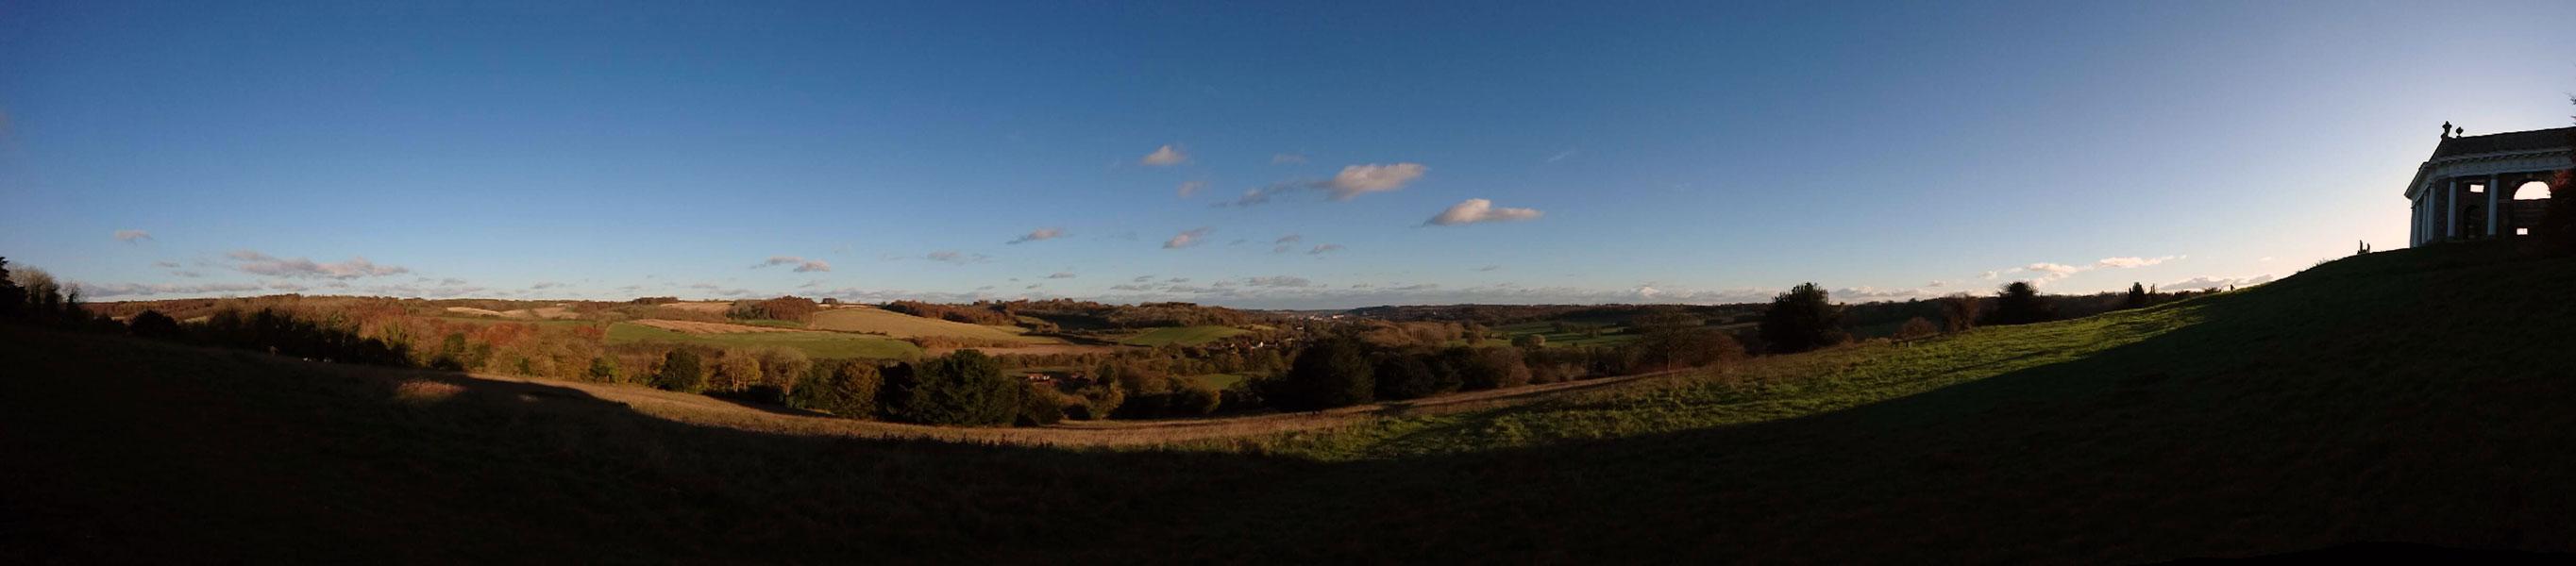 Vue panoramique depuis la colline de West Wycombe